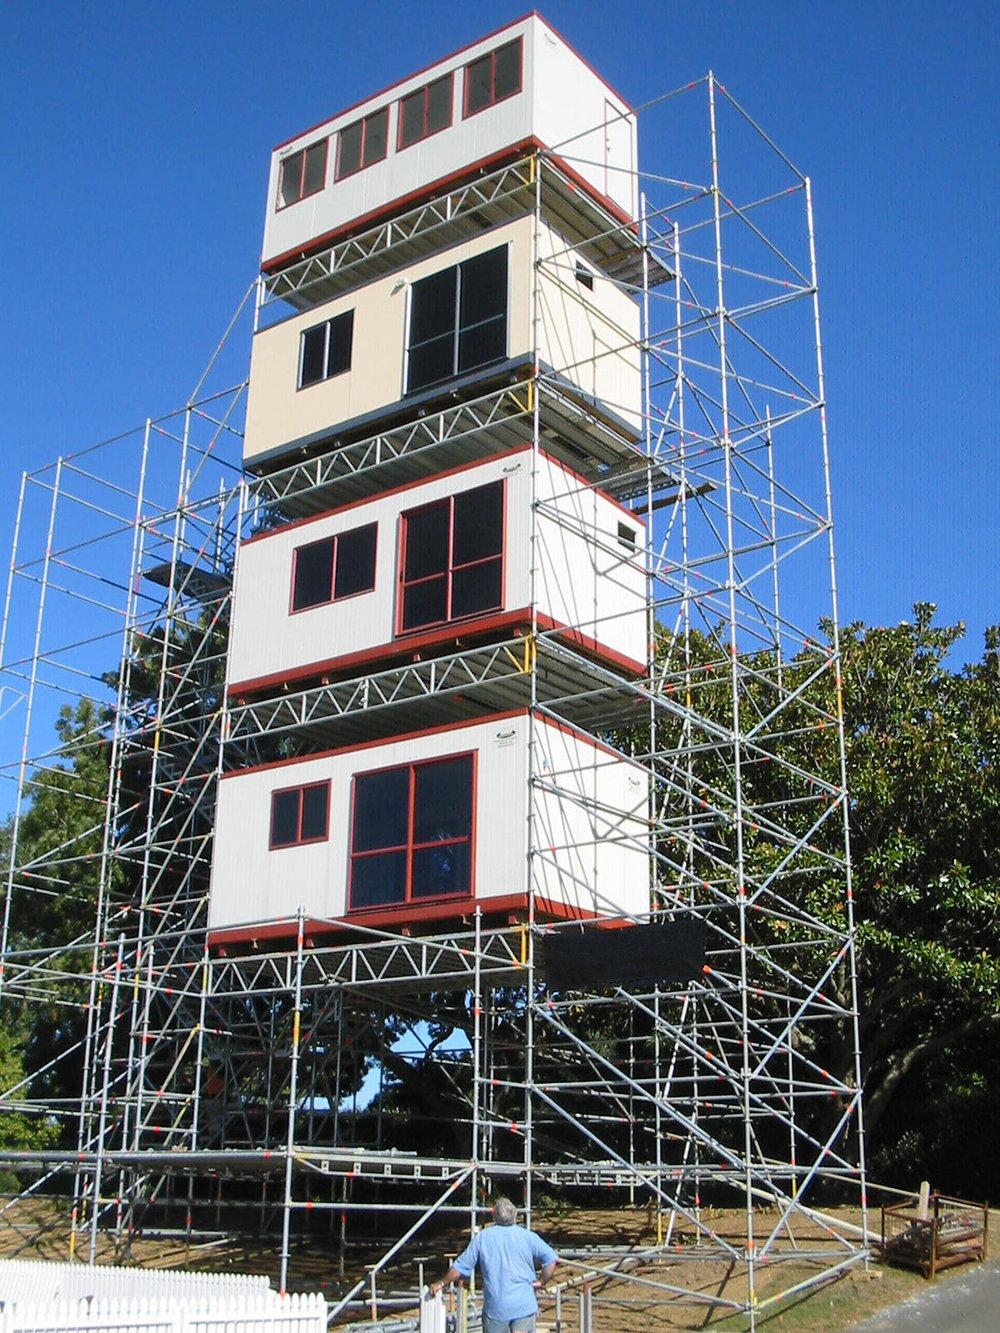 Portacom Broadcasting Tower